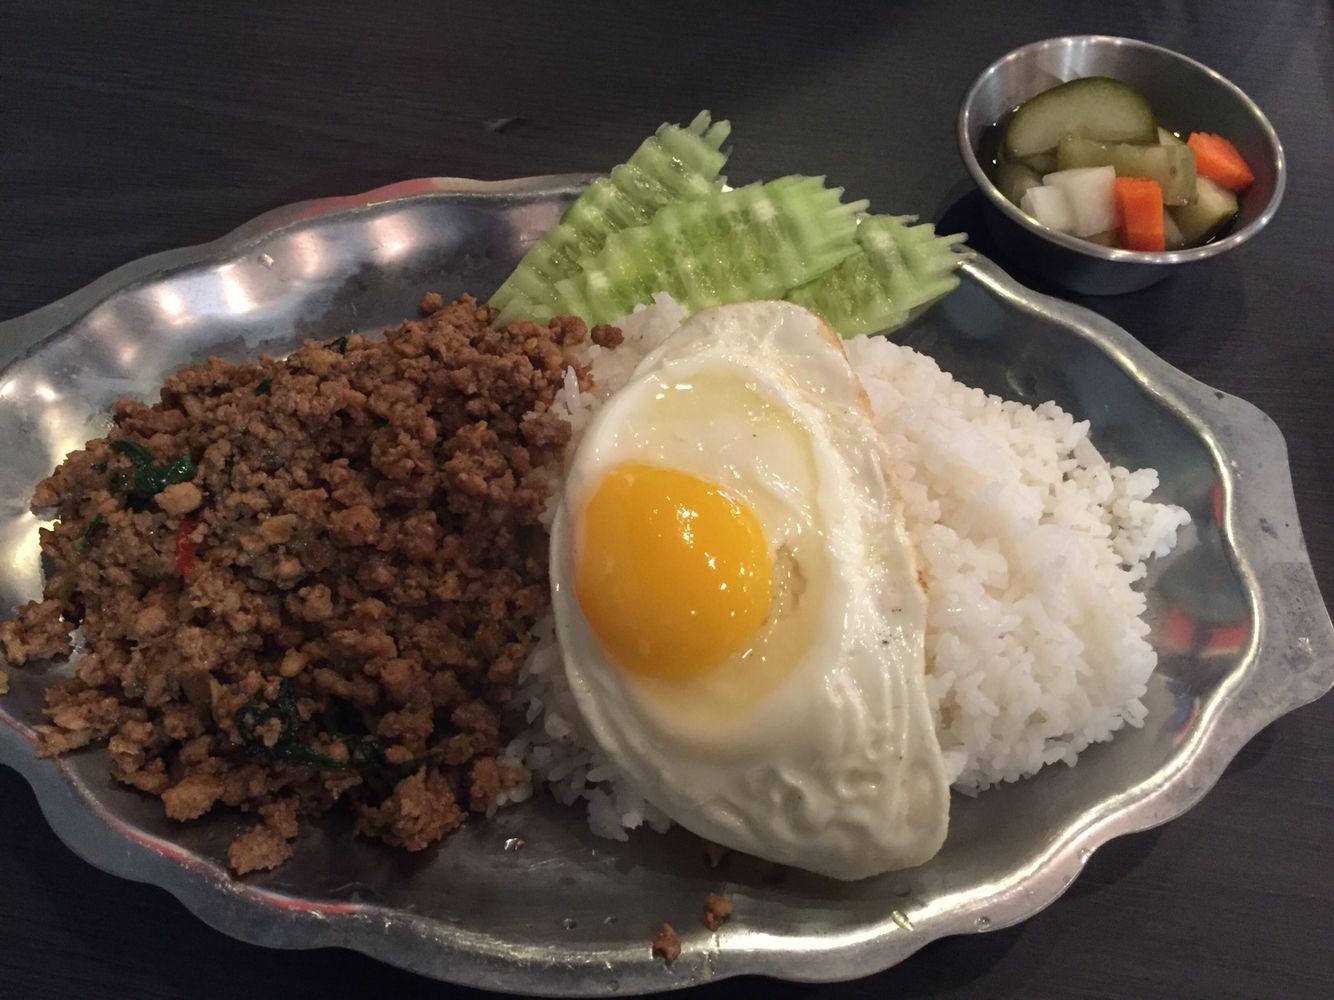 2015.11.9 점심. 태국 요리